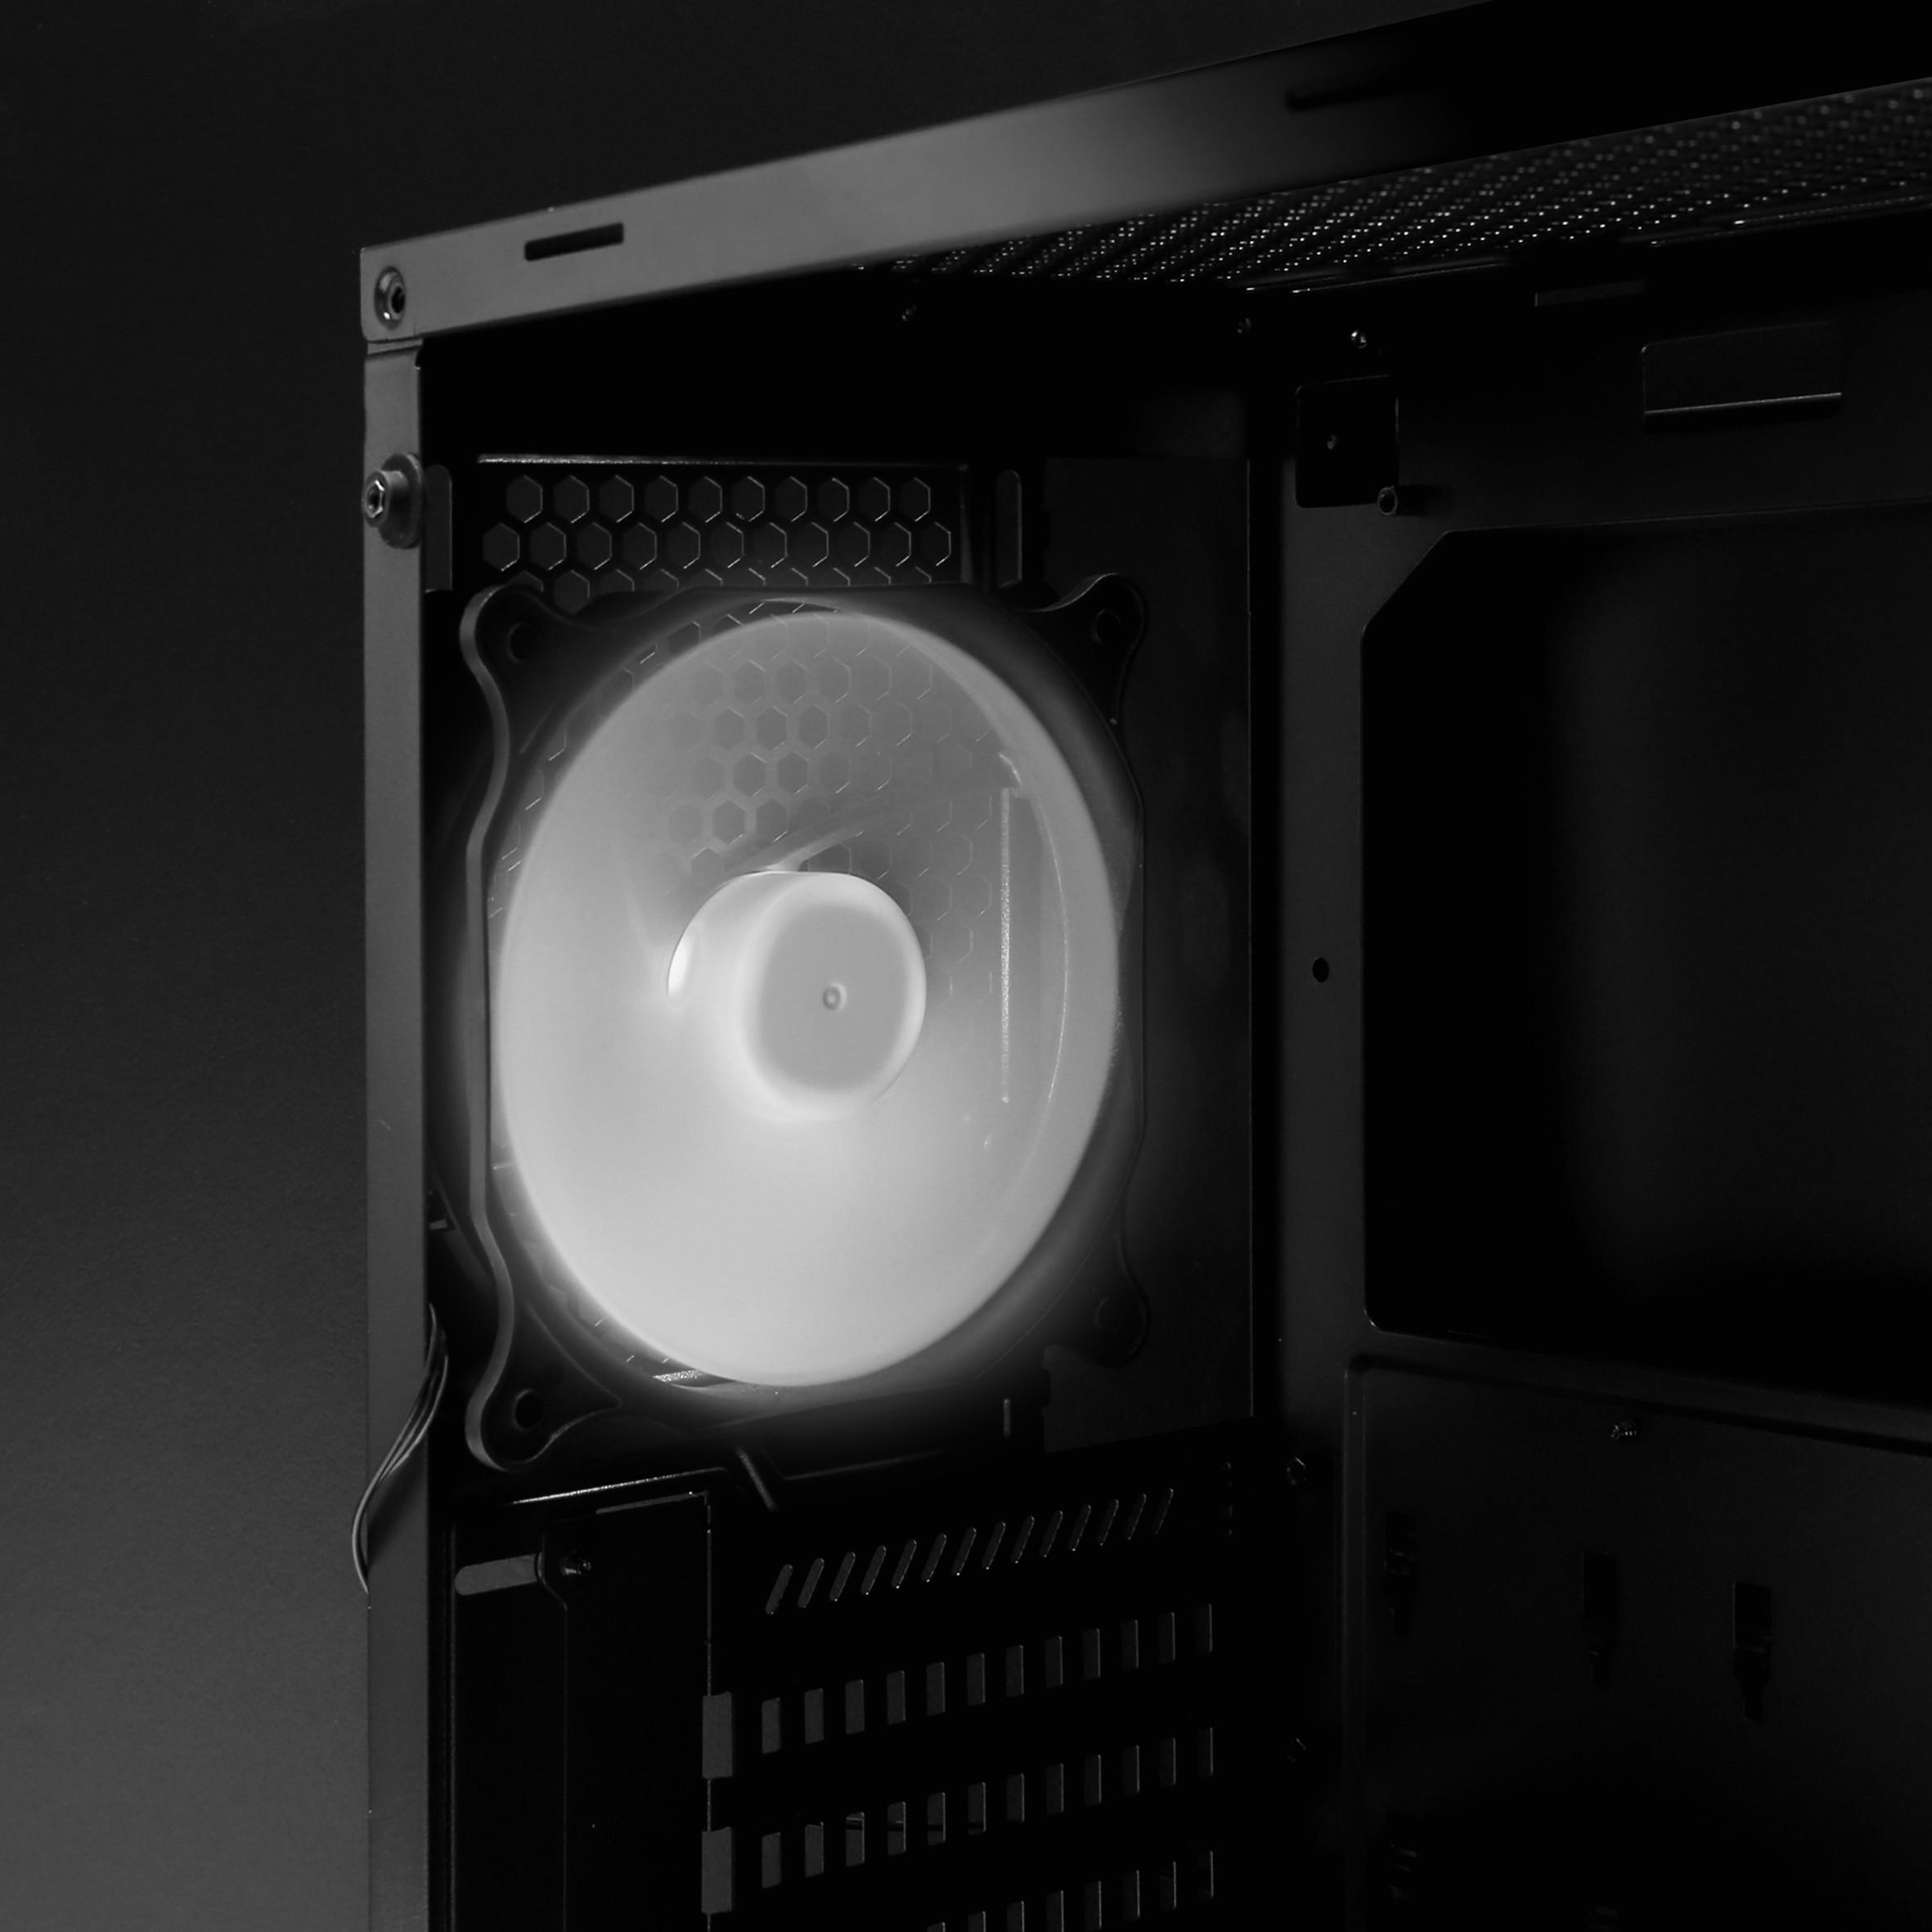 P6 white LED fan